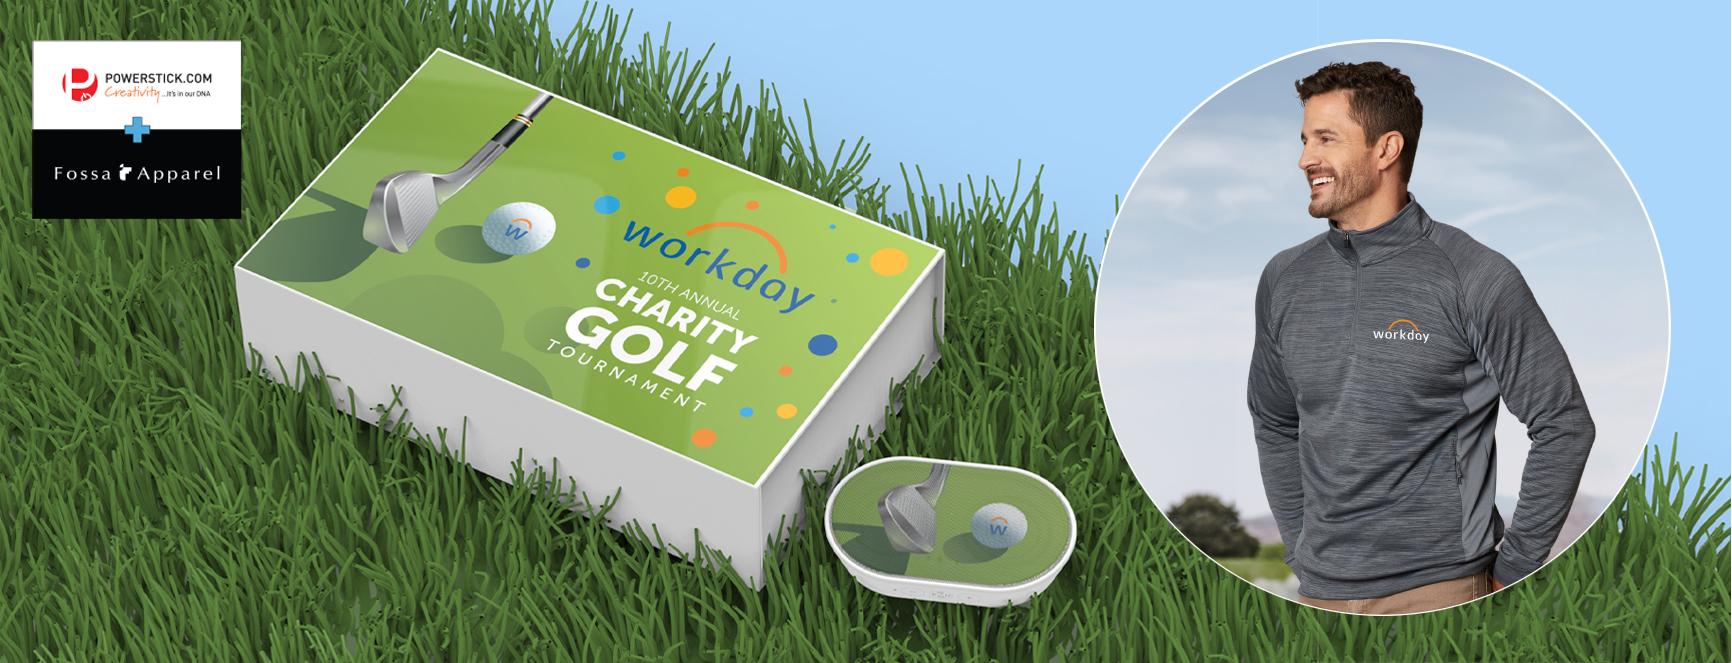 PowerStick_Foss_Golf_kit